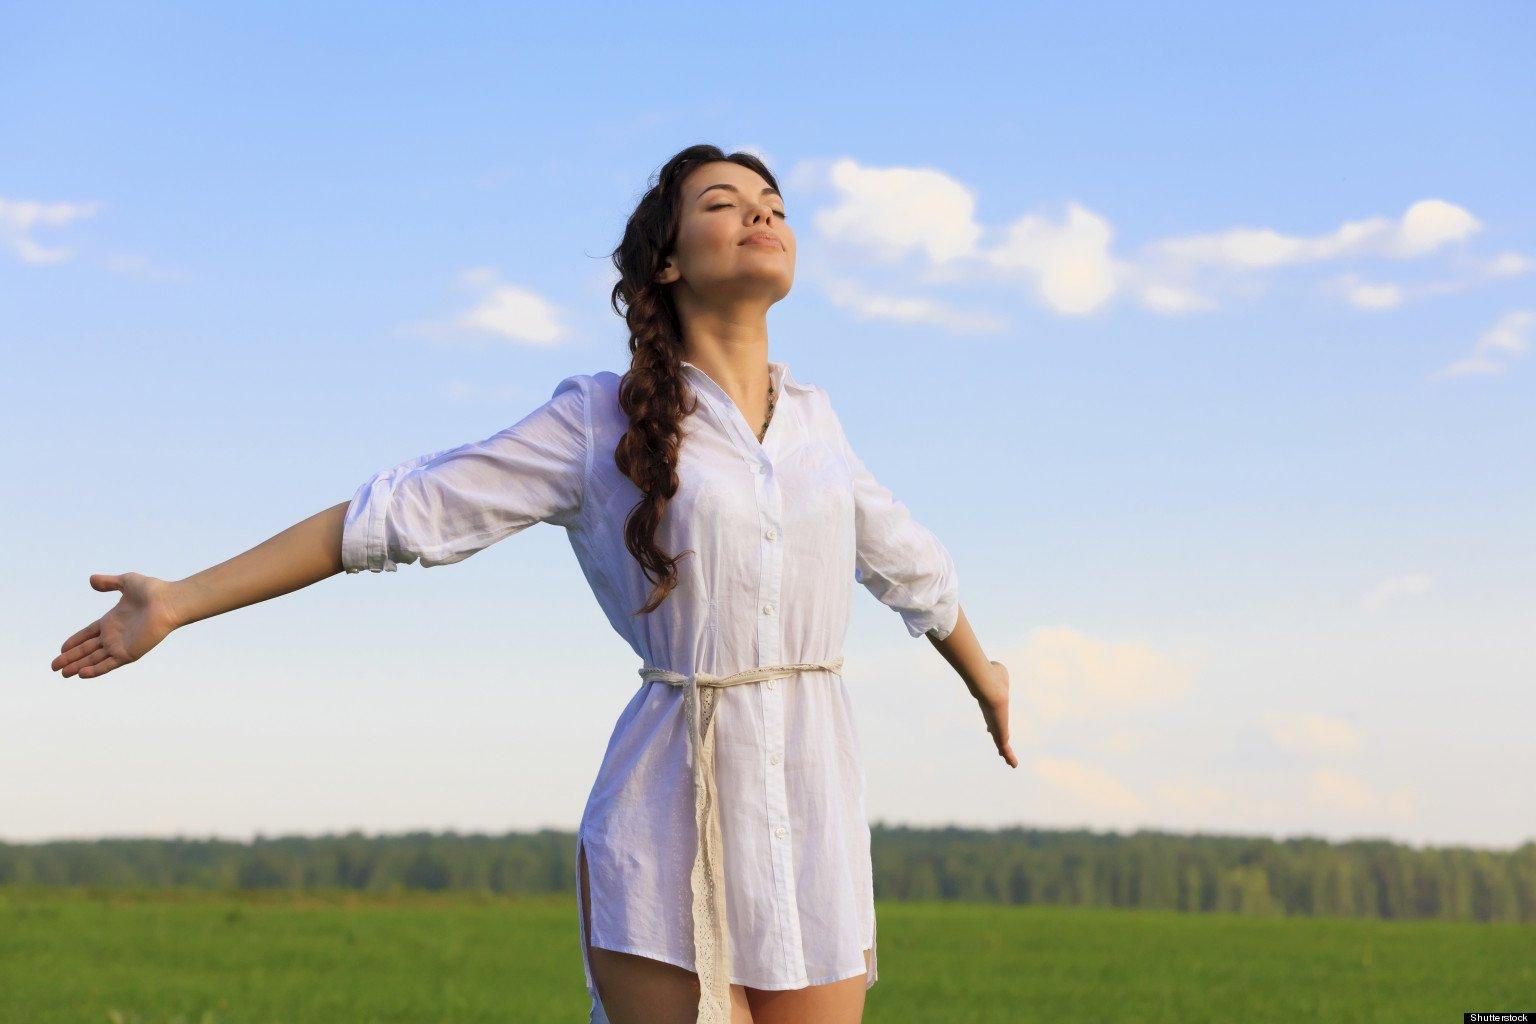 Ce este un stil de viață sănătos?